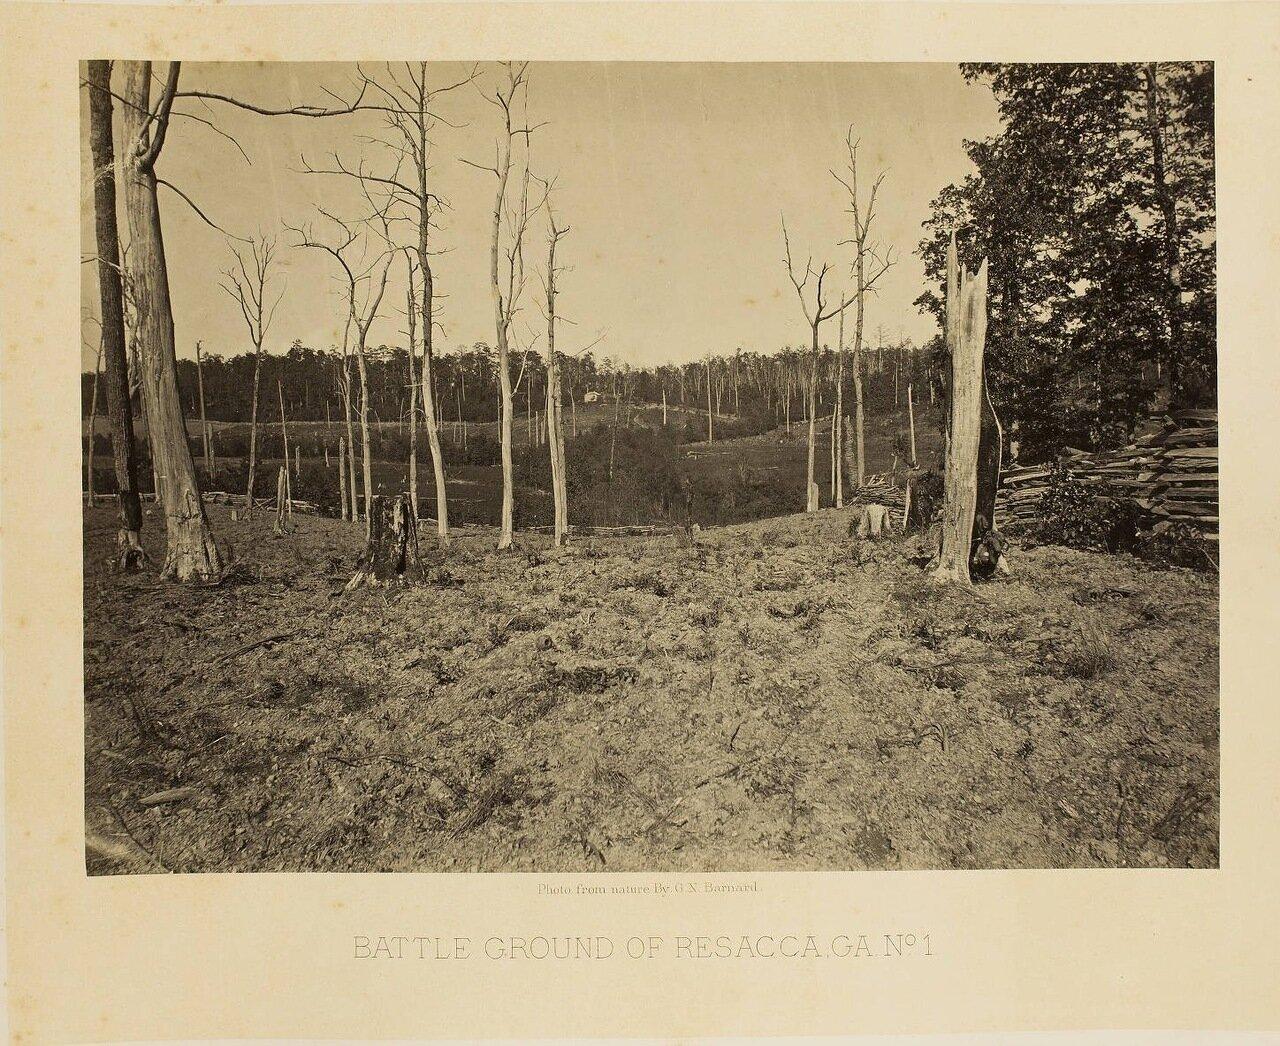 Поле битвы при Ресаке, Джорджия. №1